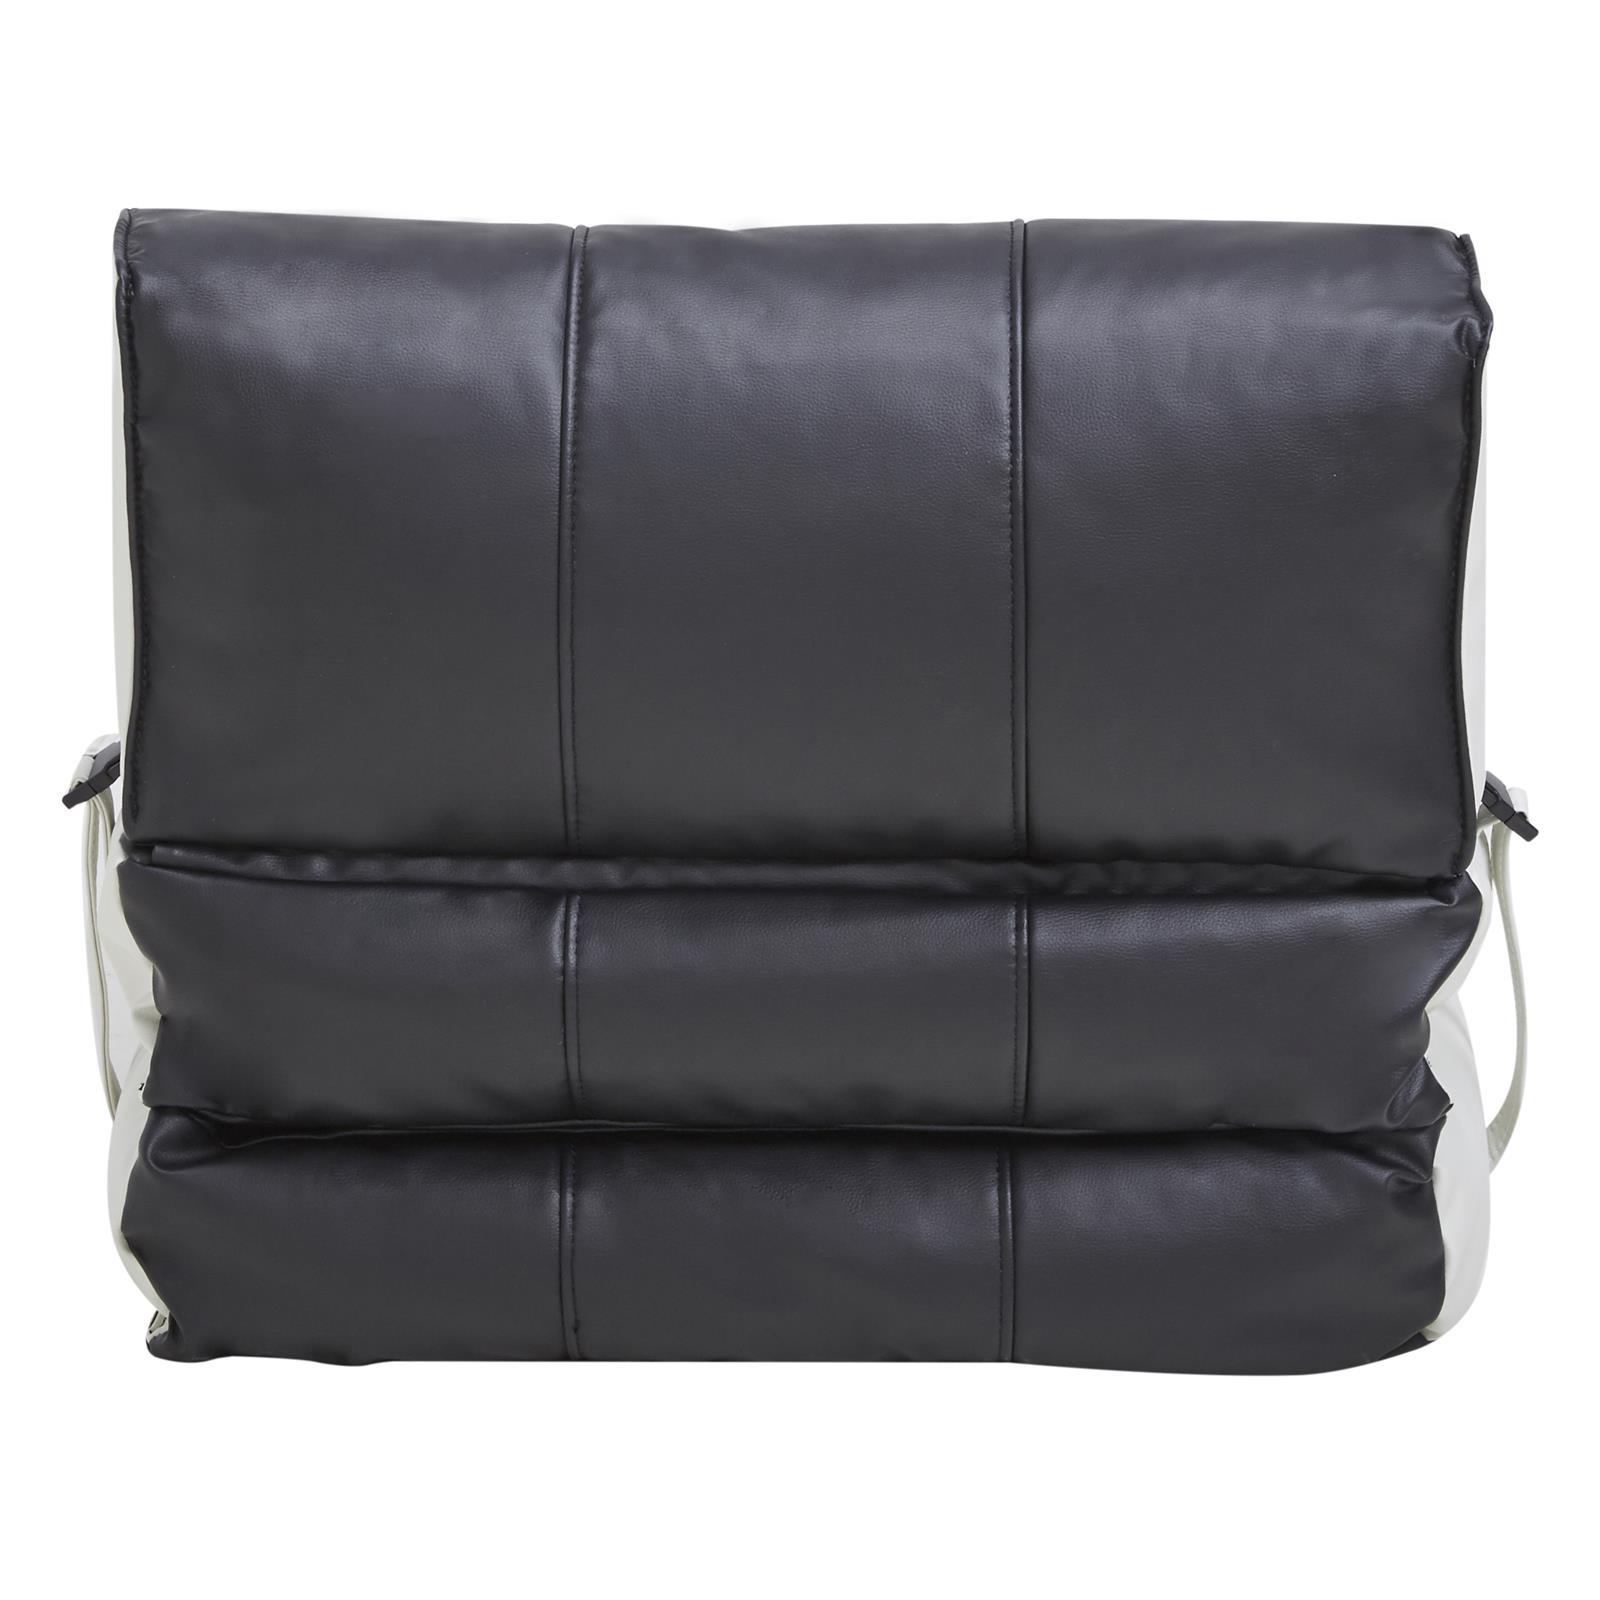 Schlafsessel Gästebett TOGO, Kunstleder in schwarz/weiß | CARO-Möbel